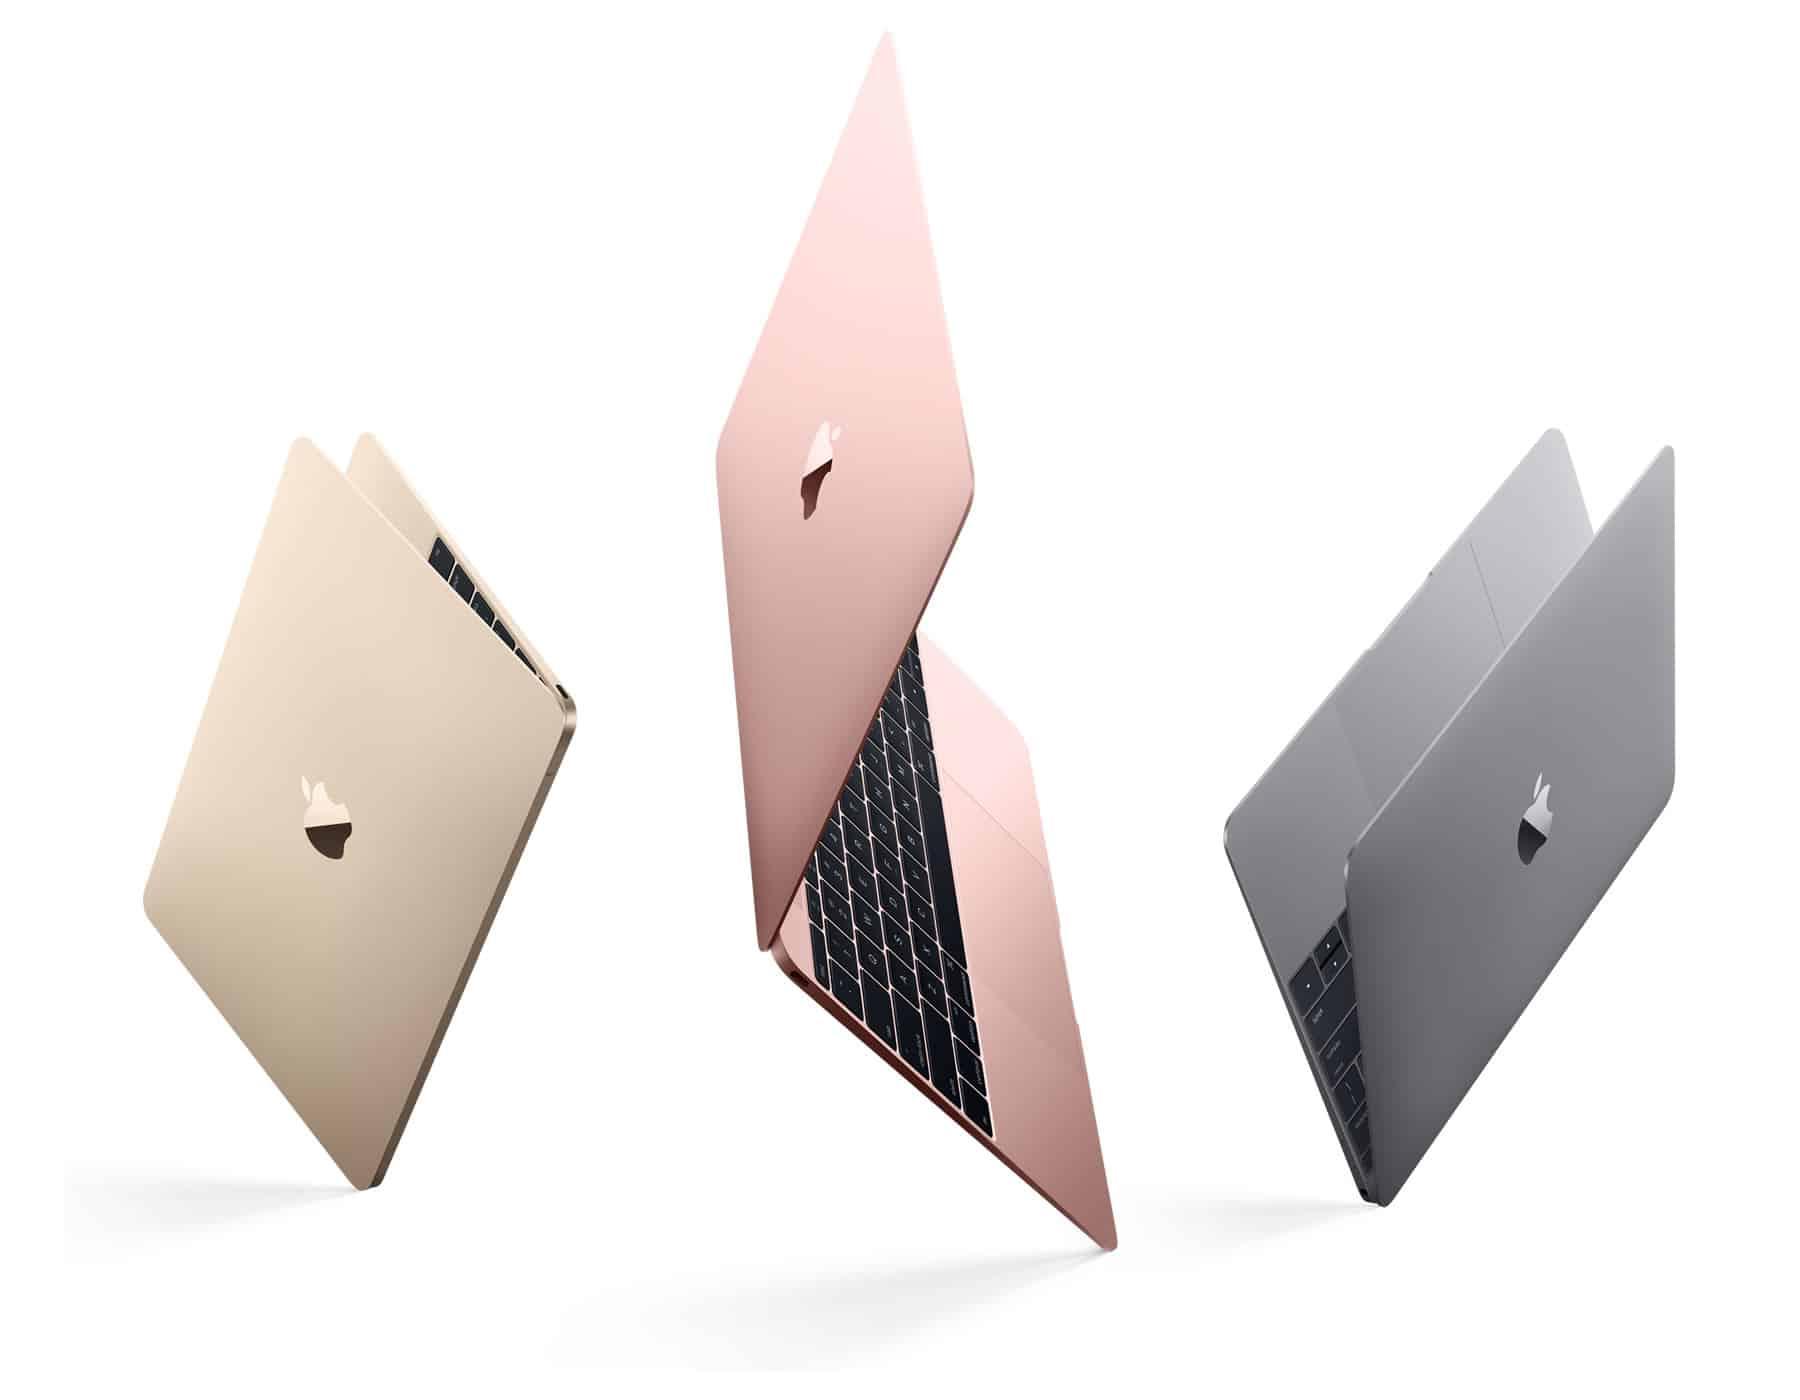 """La nueva MacBook ahora viene en color """"Gold Rose"""" (Oro Rosa)."""